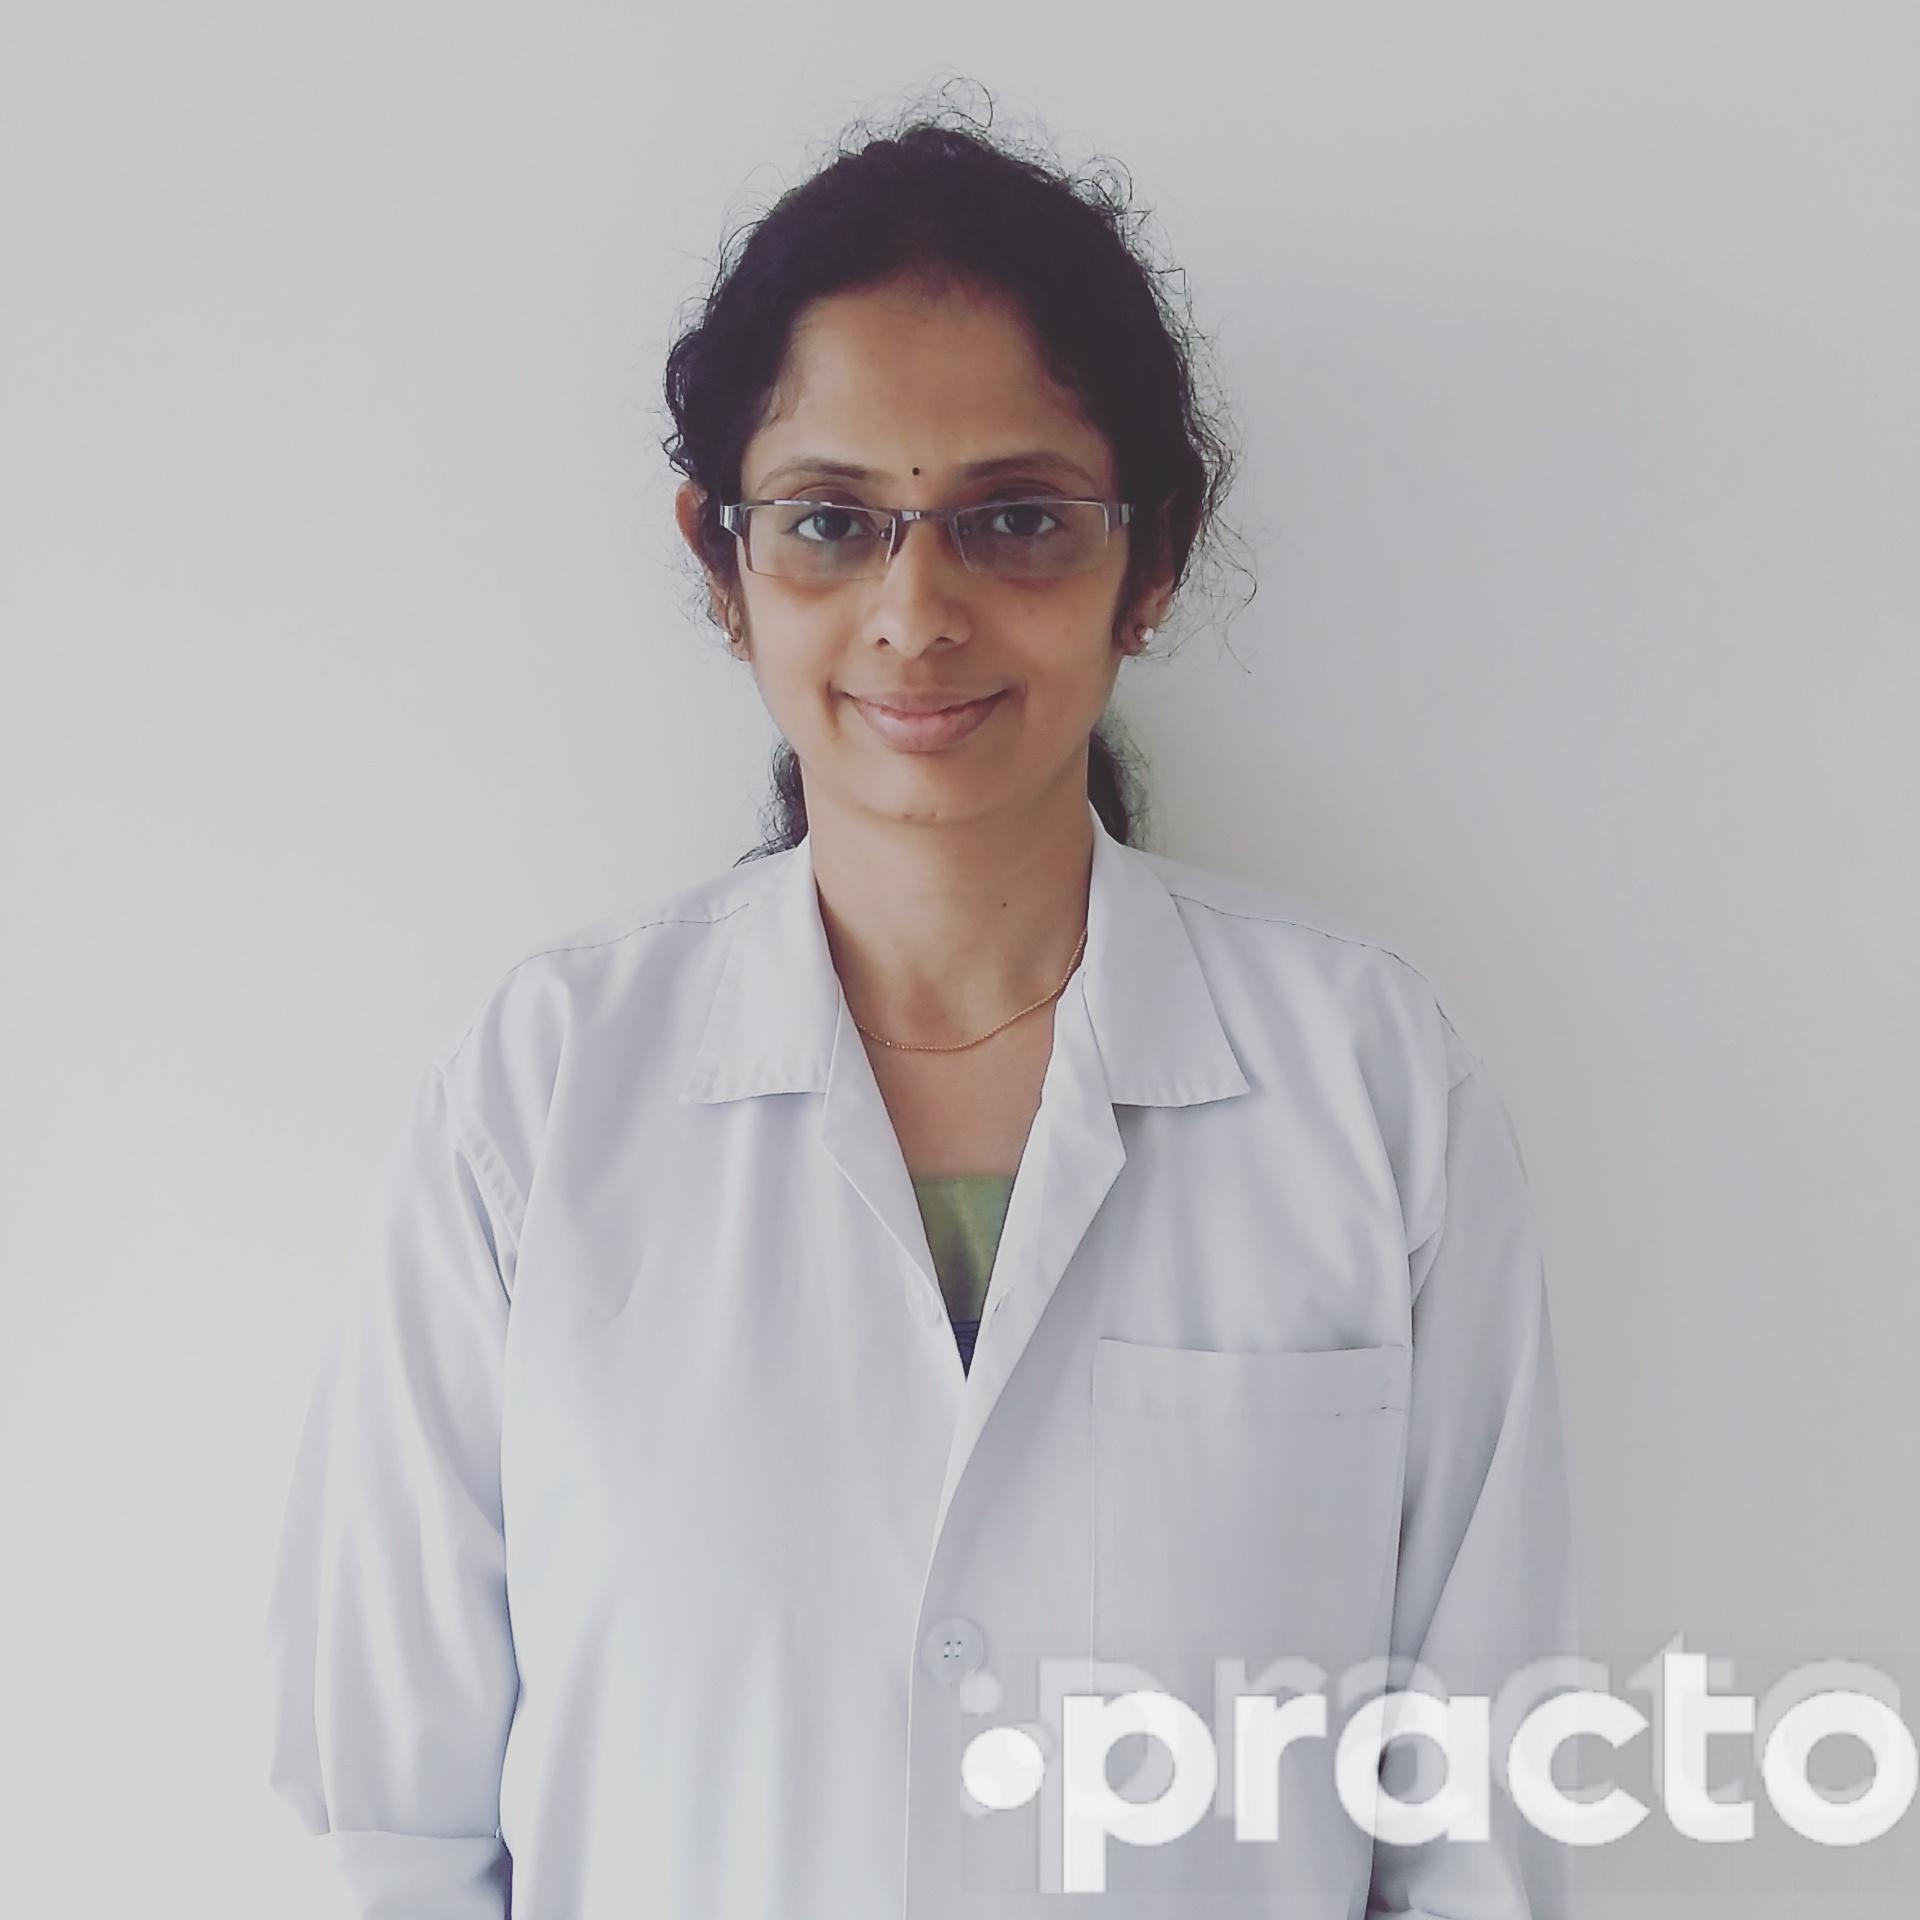 Dr. Haritha - Dentist